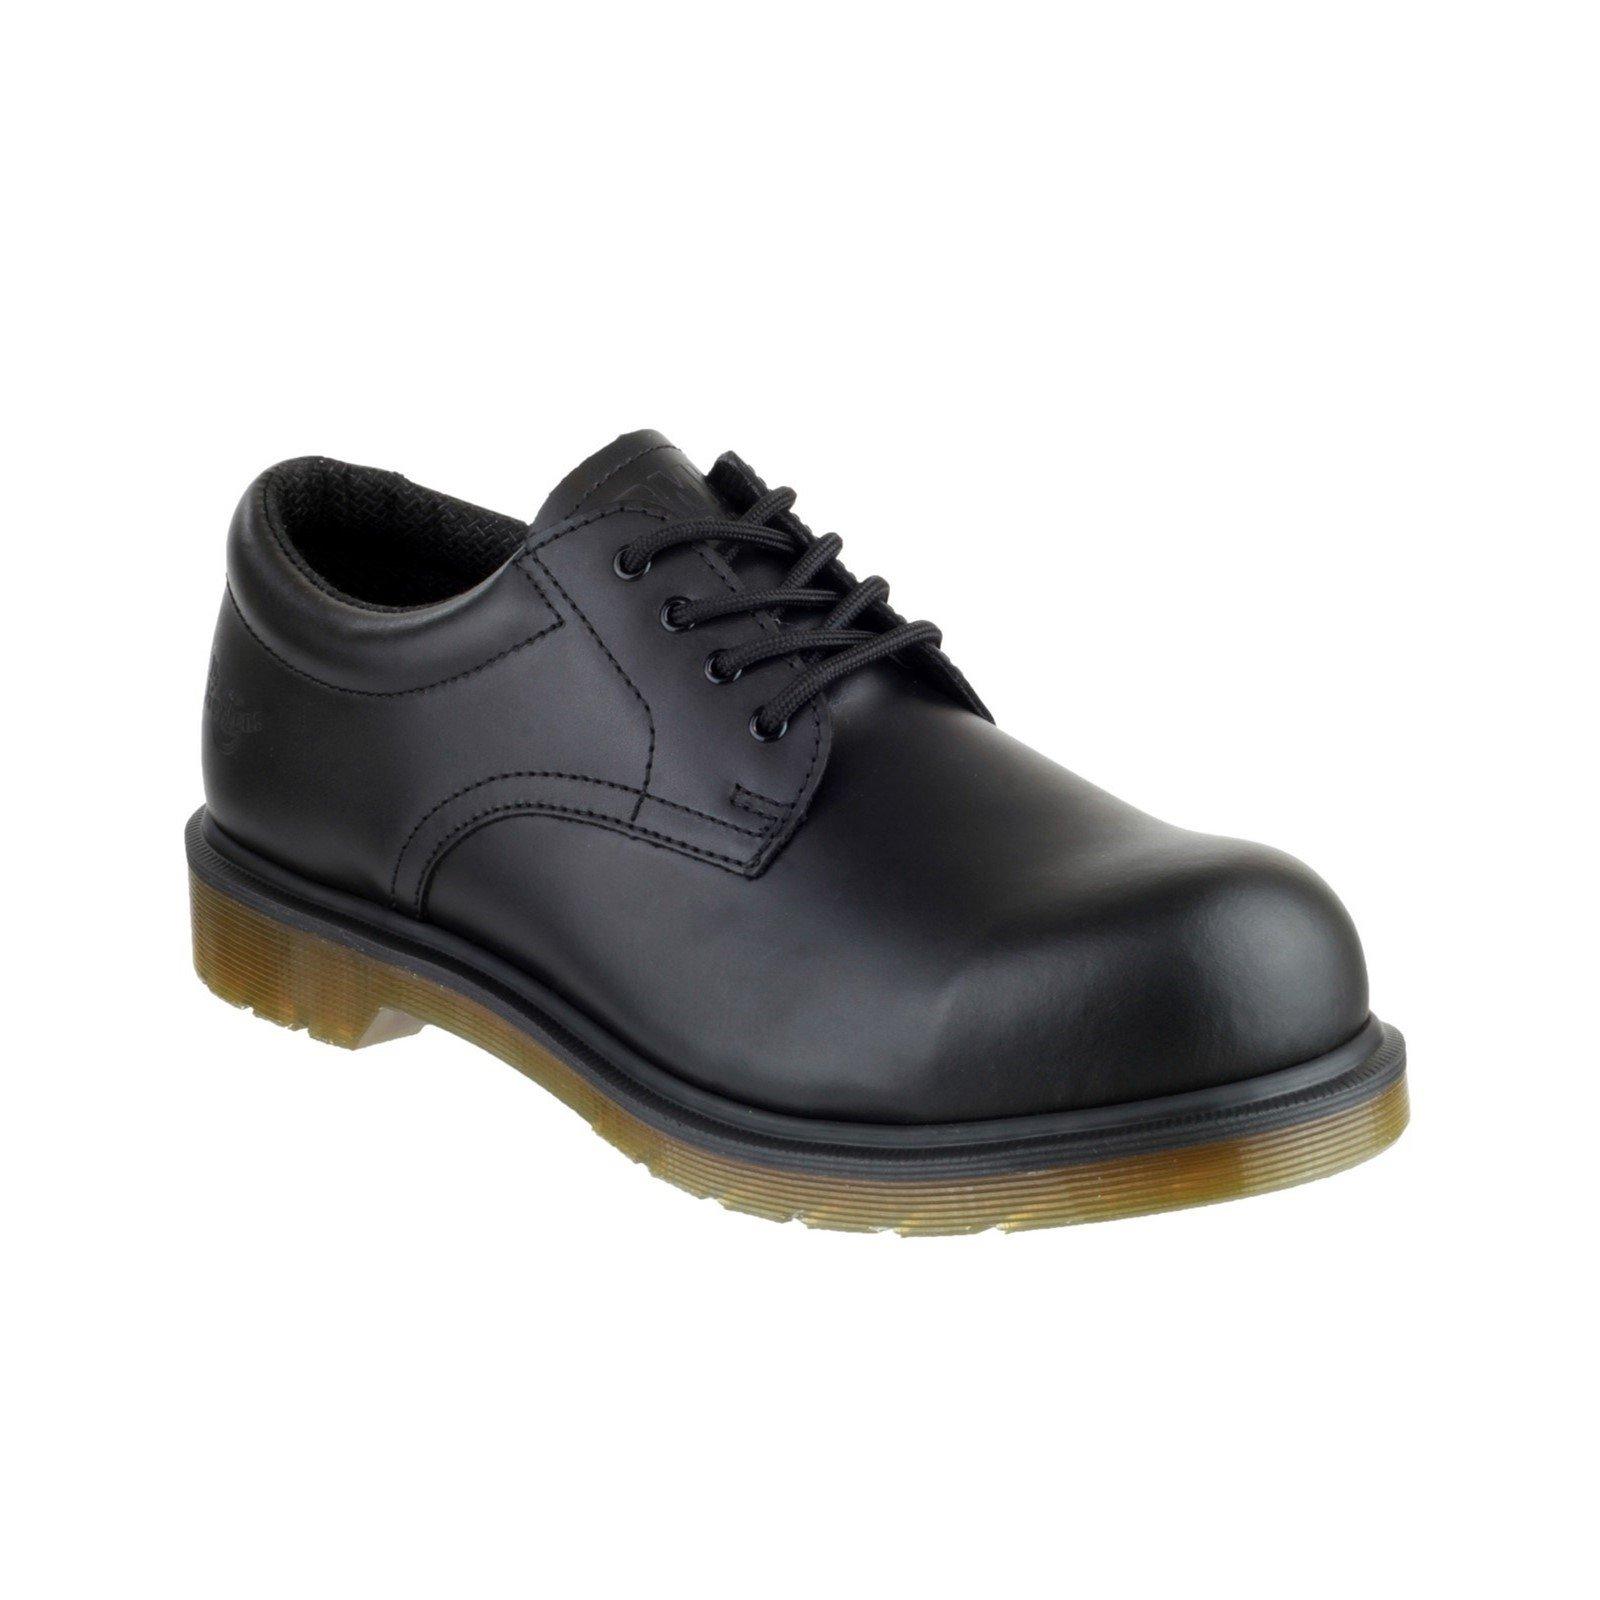 Dr Martens Unisex Icon Lace up Derby Shoe Black 00588 - Black 5